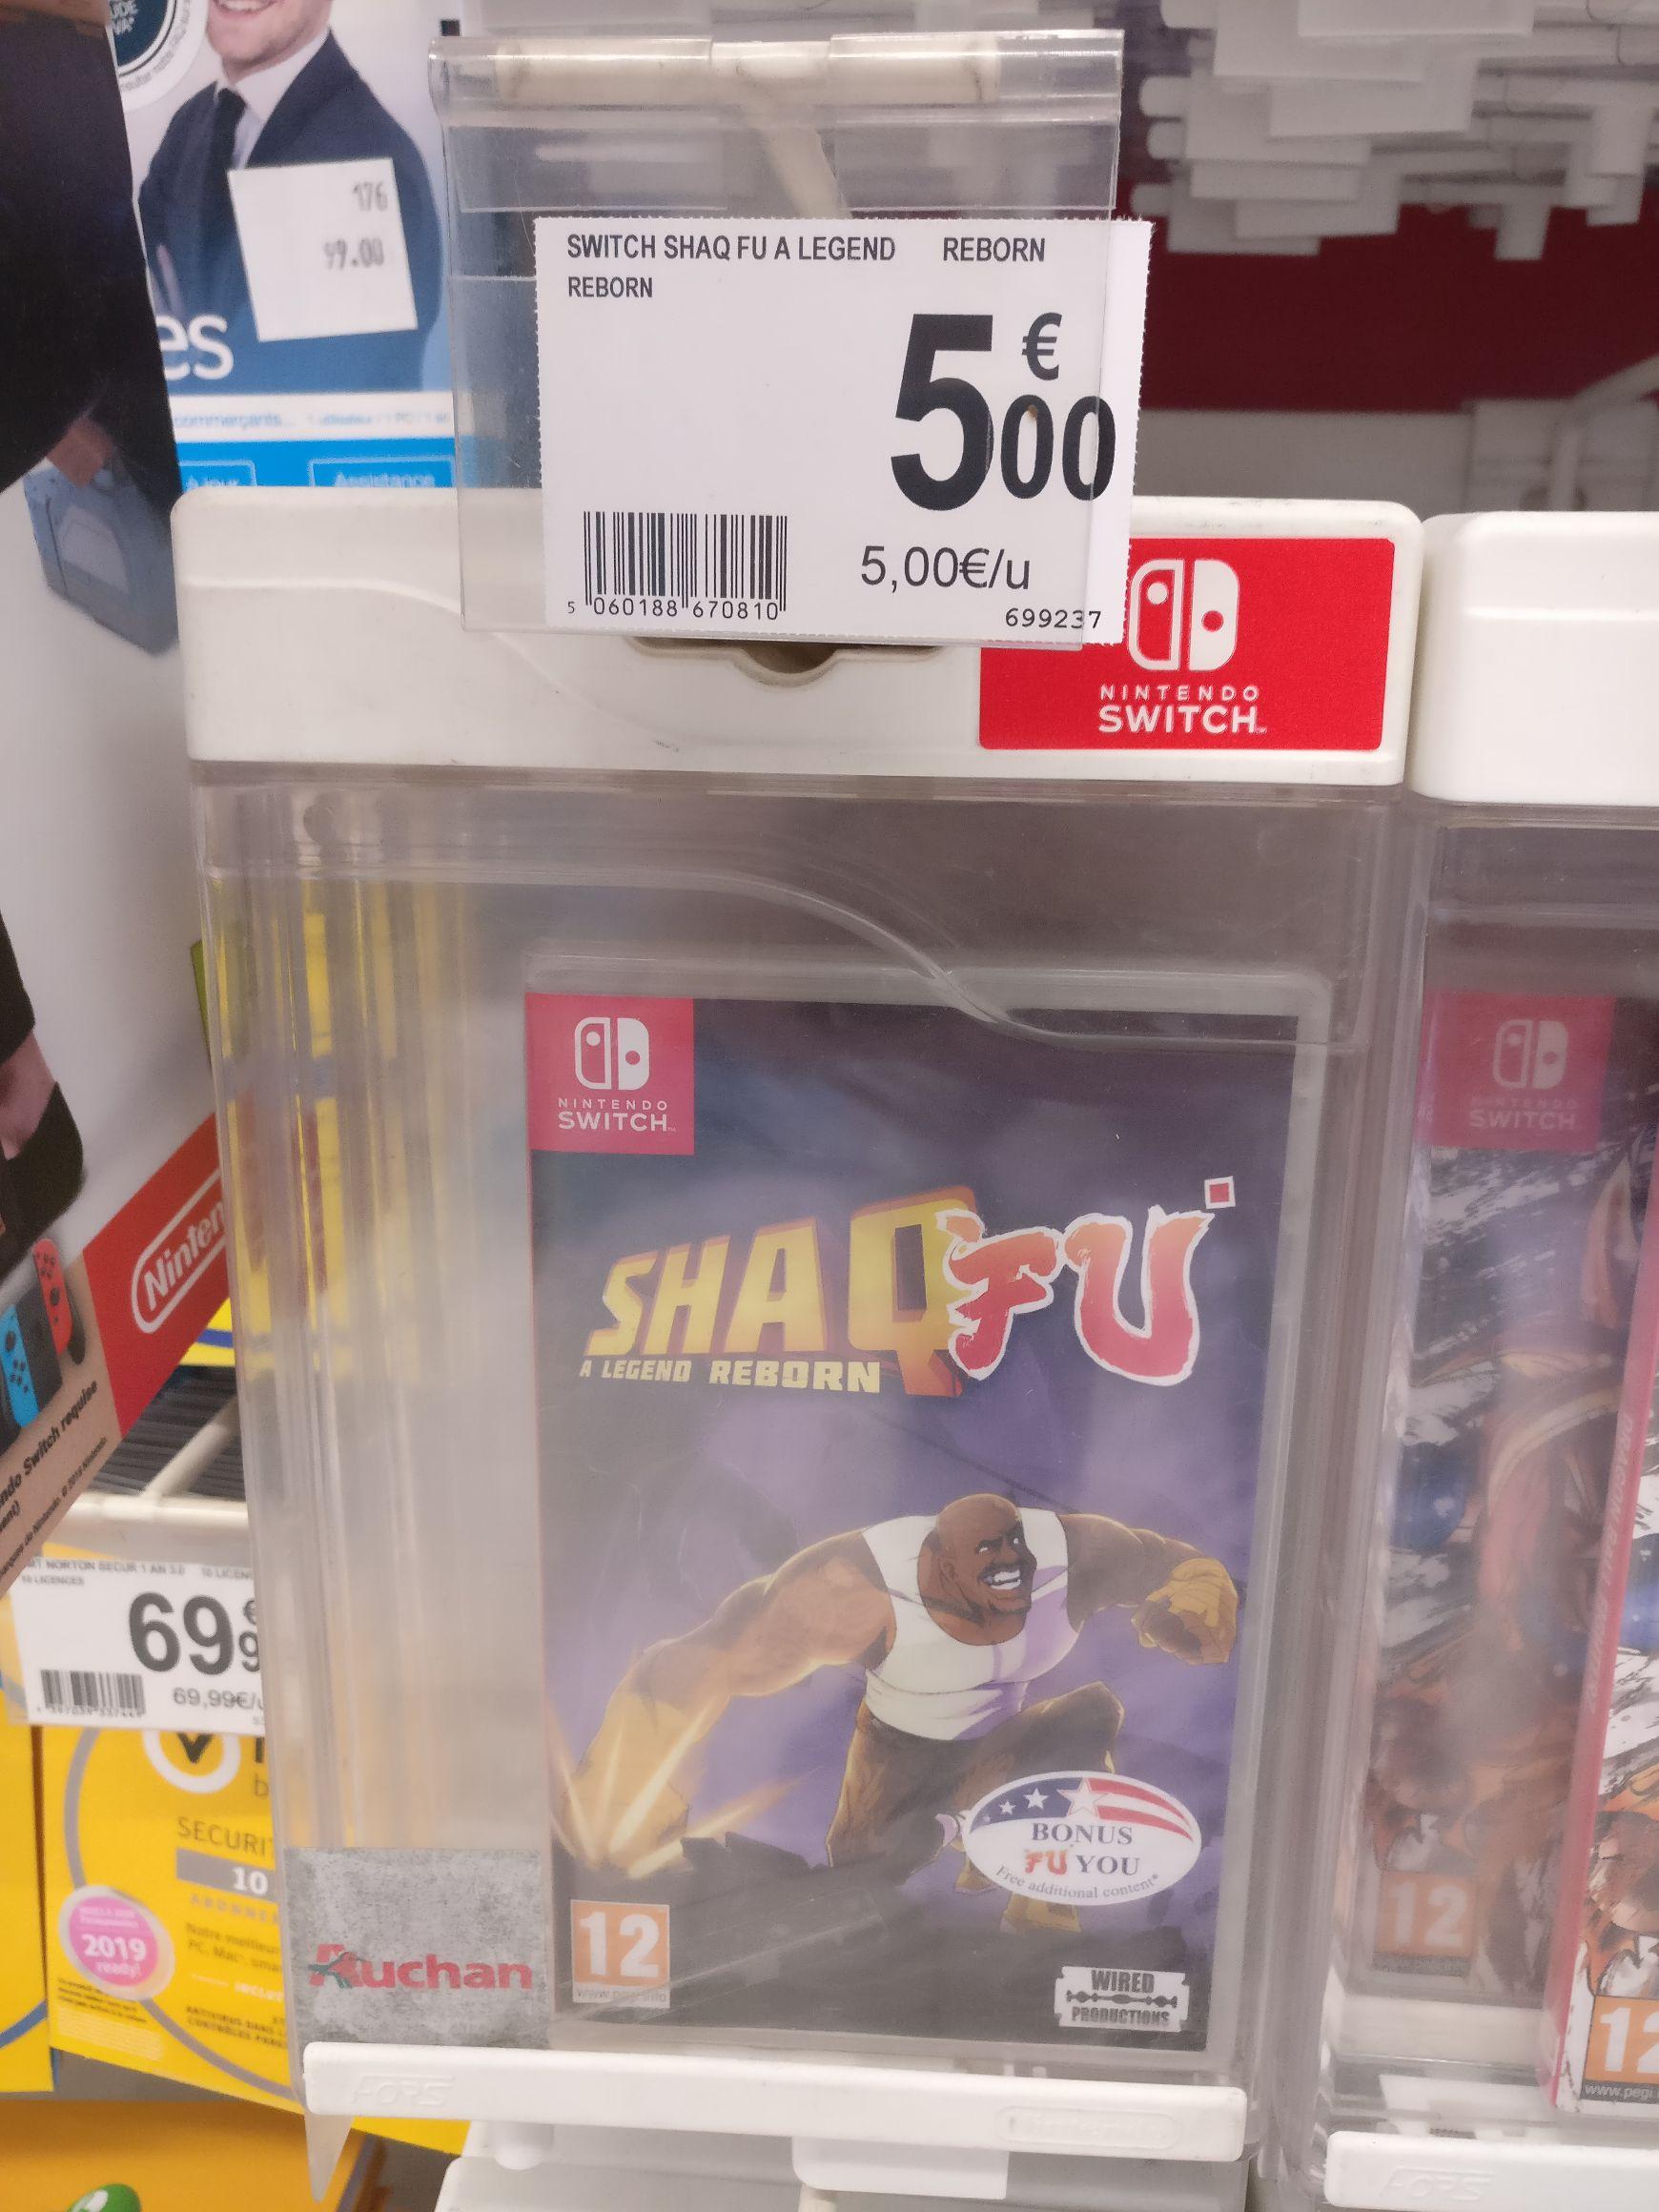 Jeu Shaq Fu - A legend reborn sur Nintendo Switch - Auchan Cognac (16)